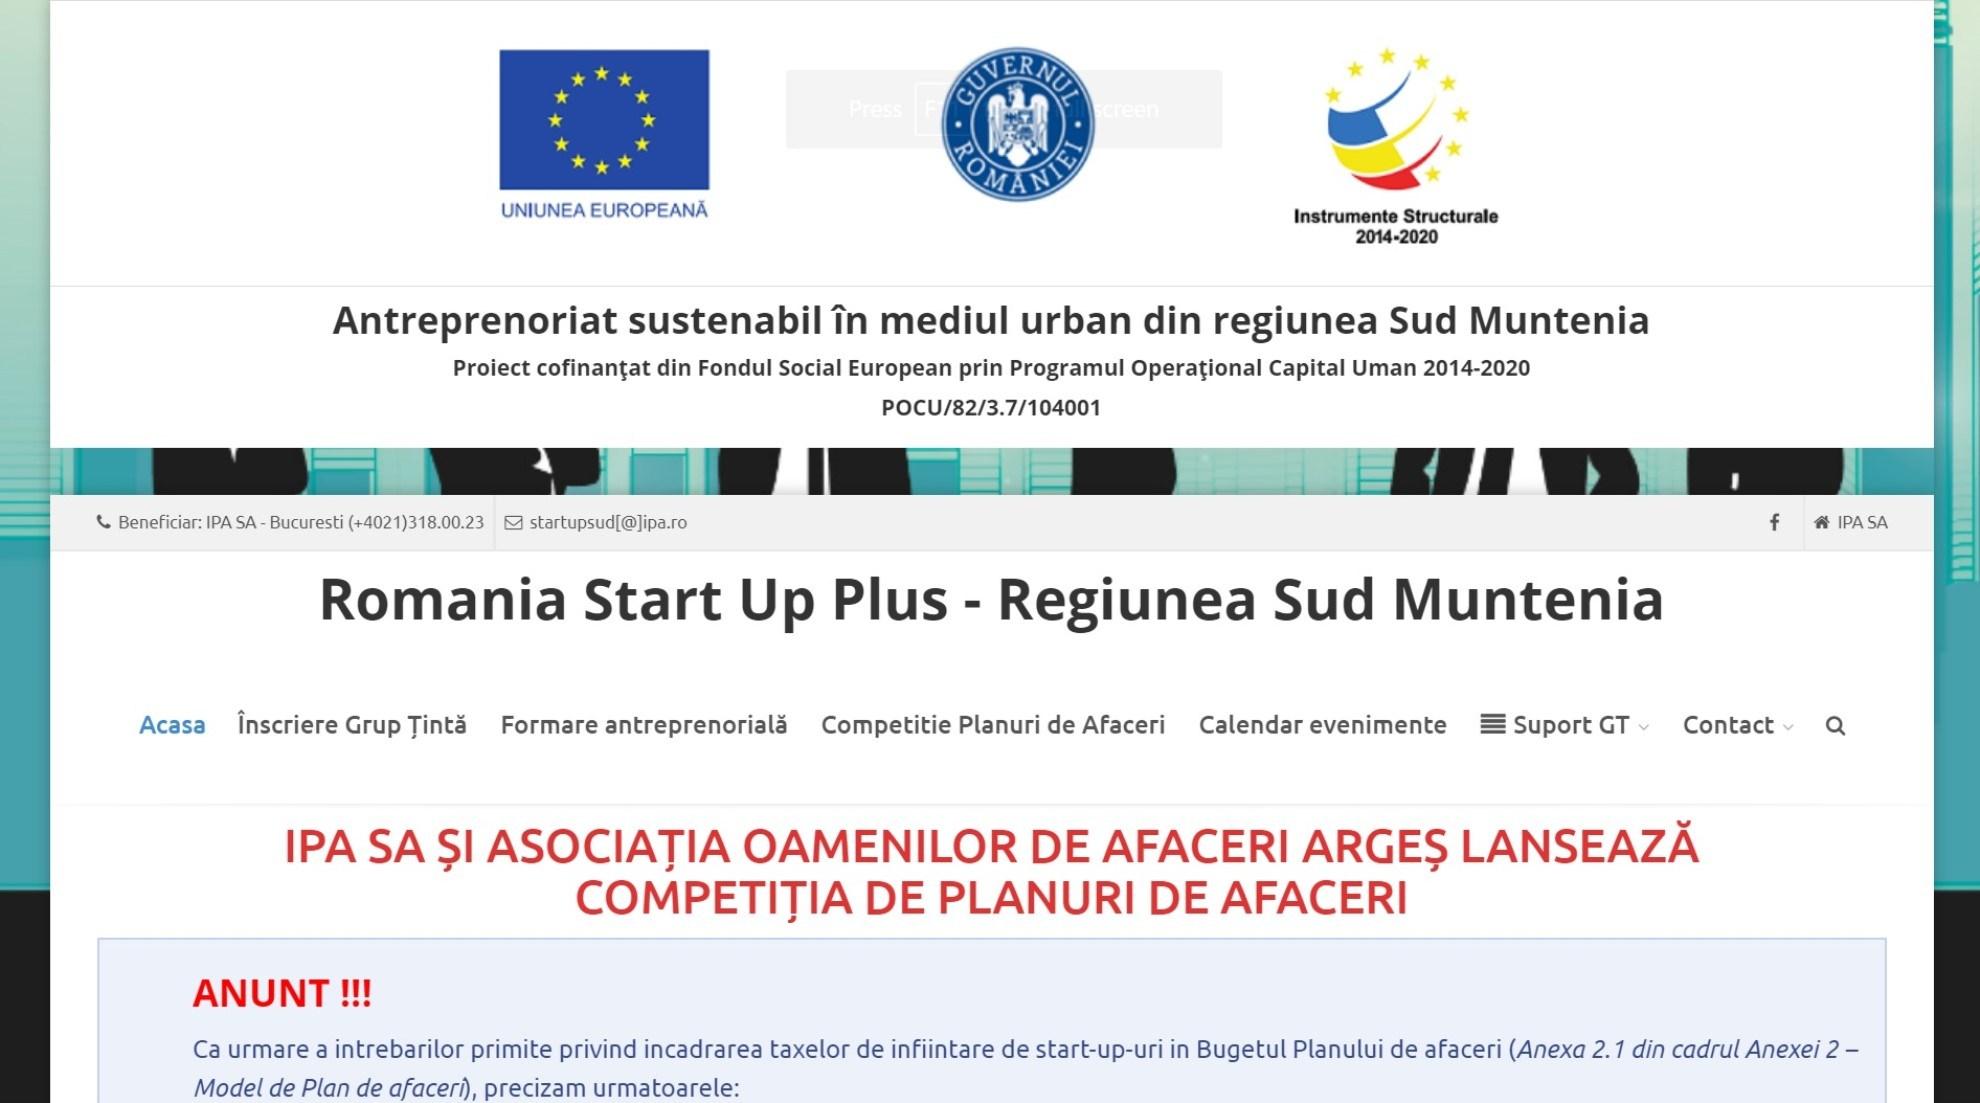 Romania Start Up Plus Regiunea Sud Muntenia; Antreprenoriat sustenabil in mediul urban din regiunea Sud Muntenia